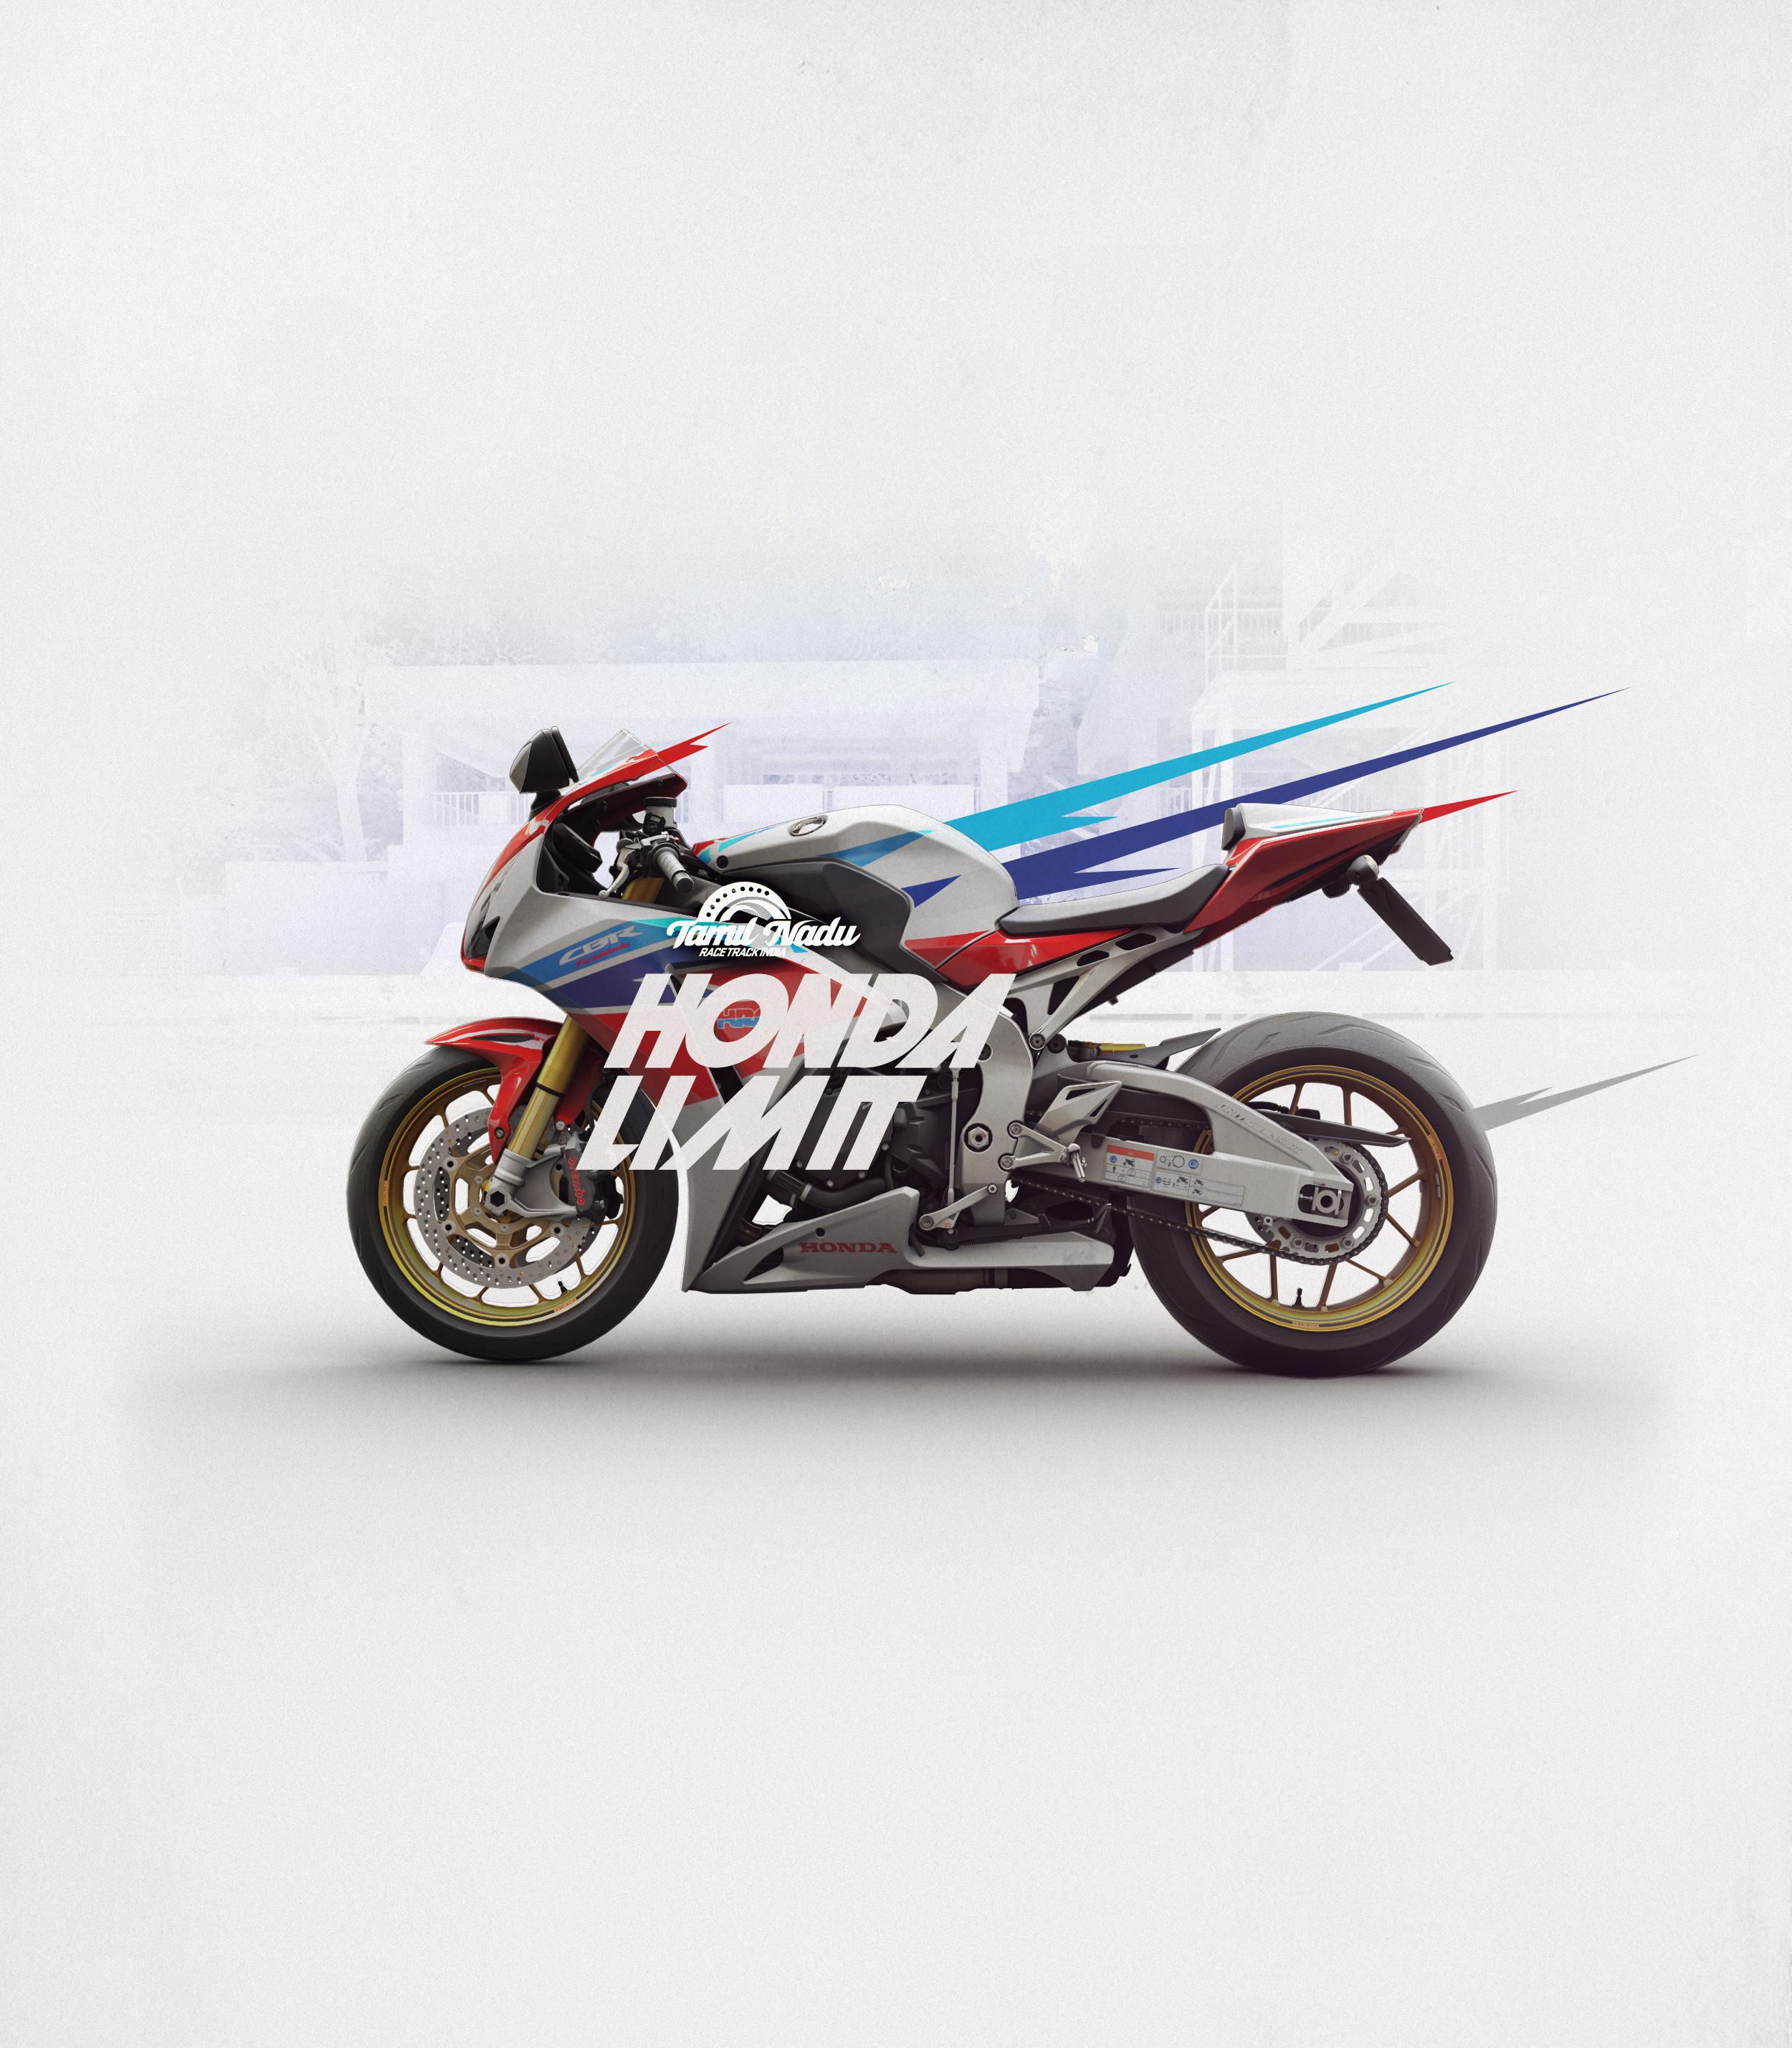 19_Honda_fireblade.jpg